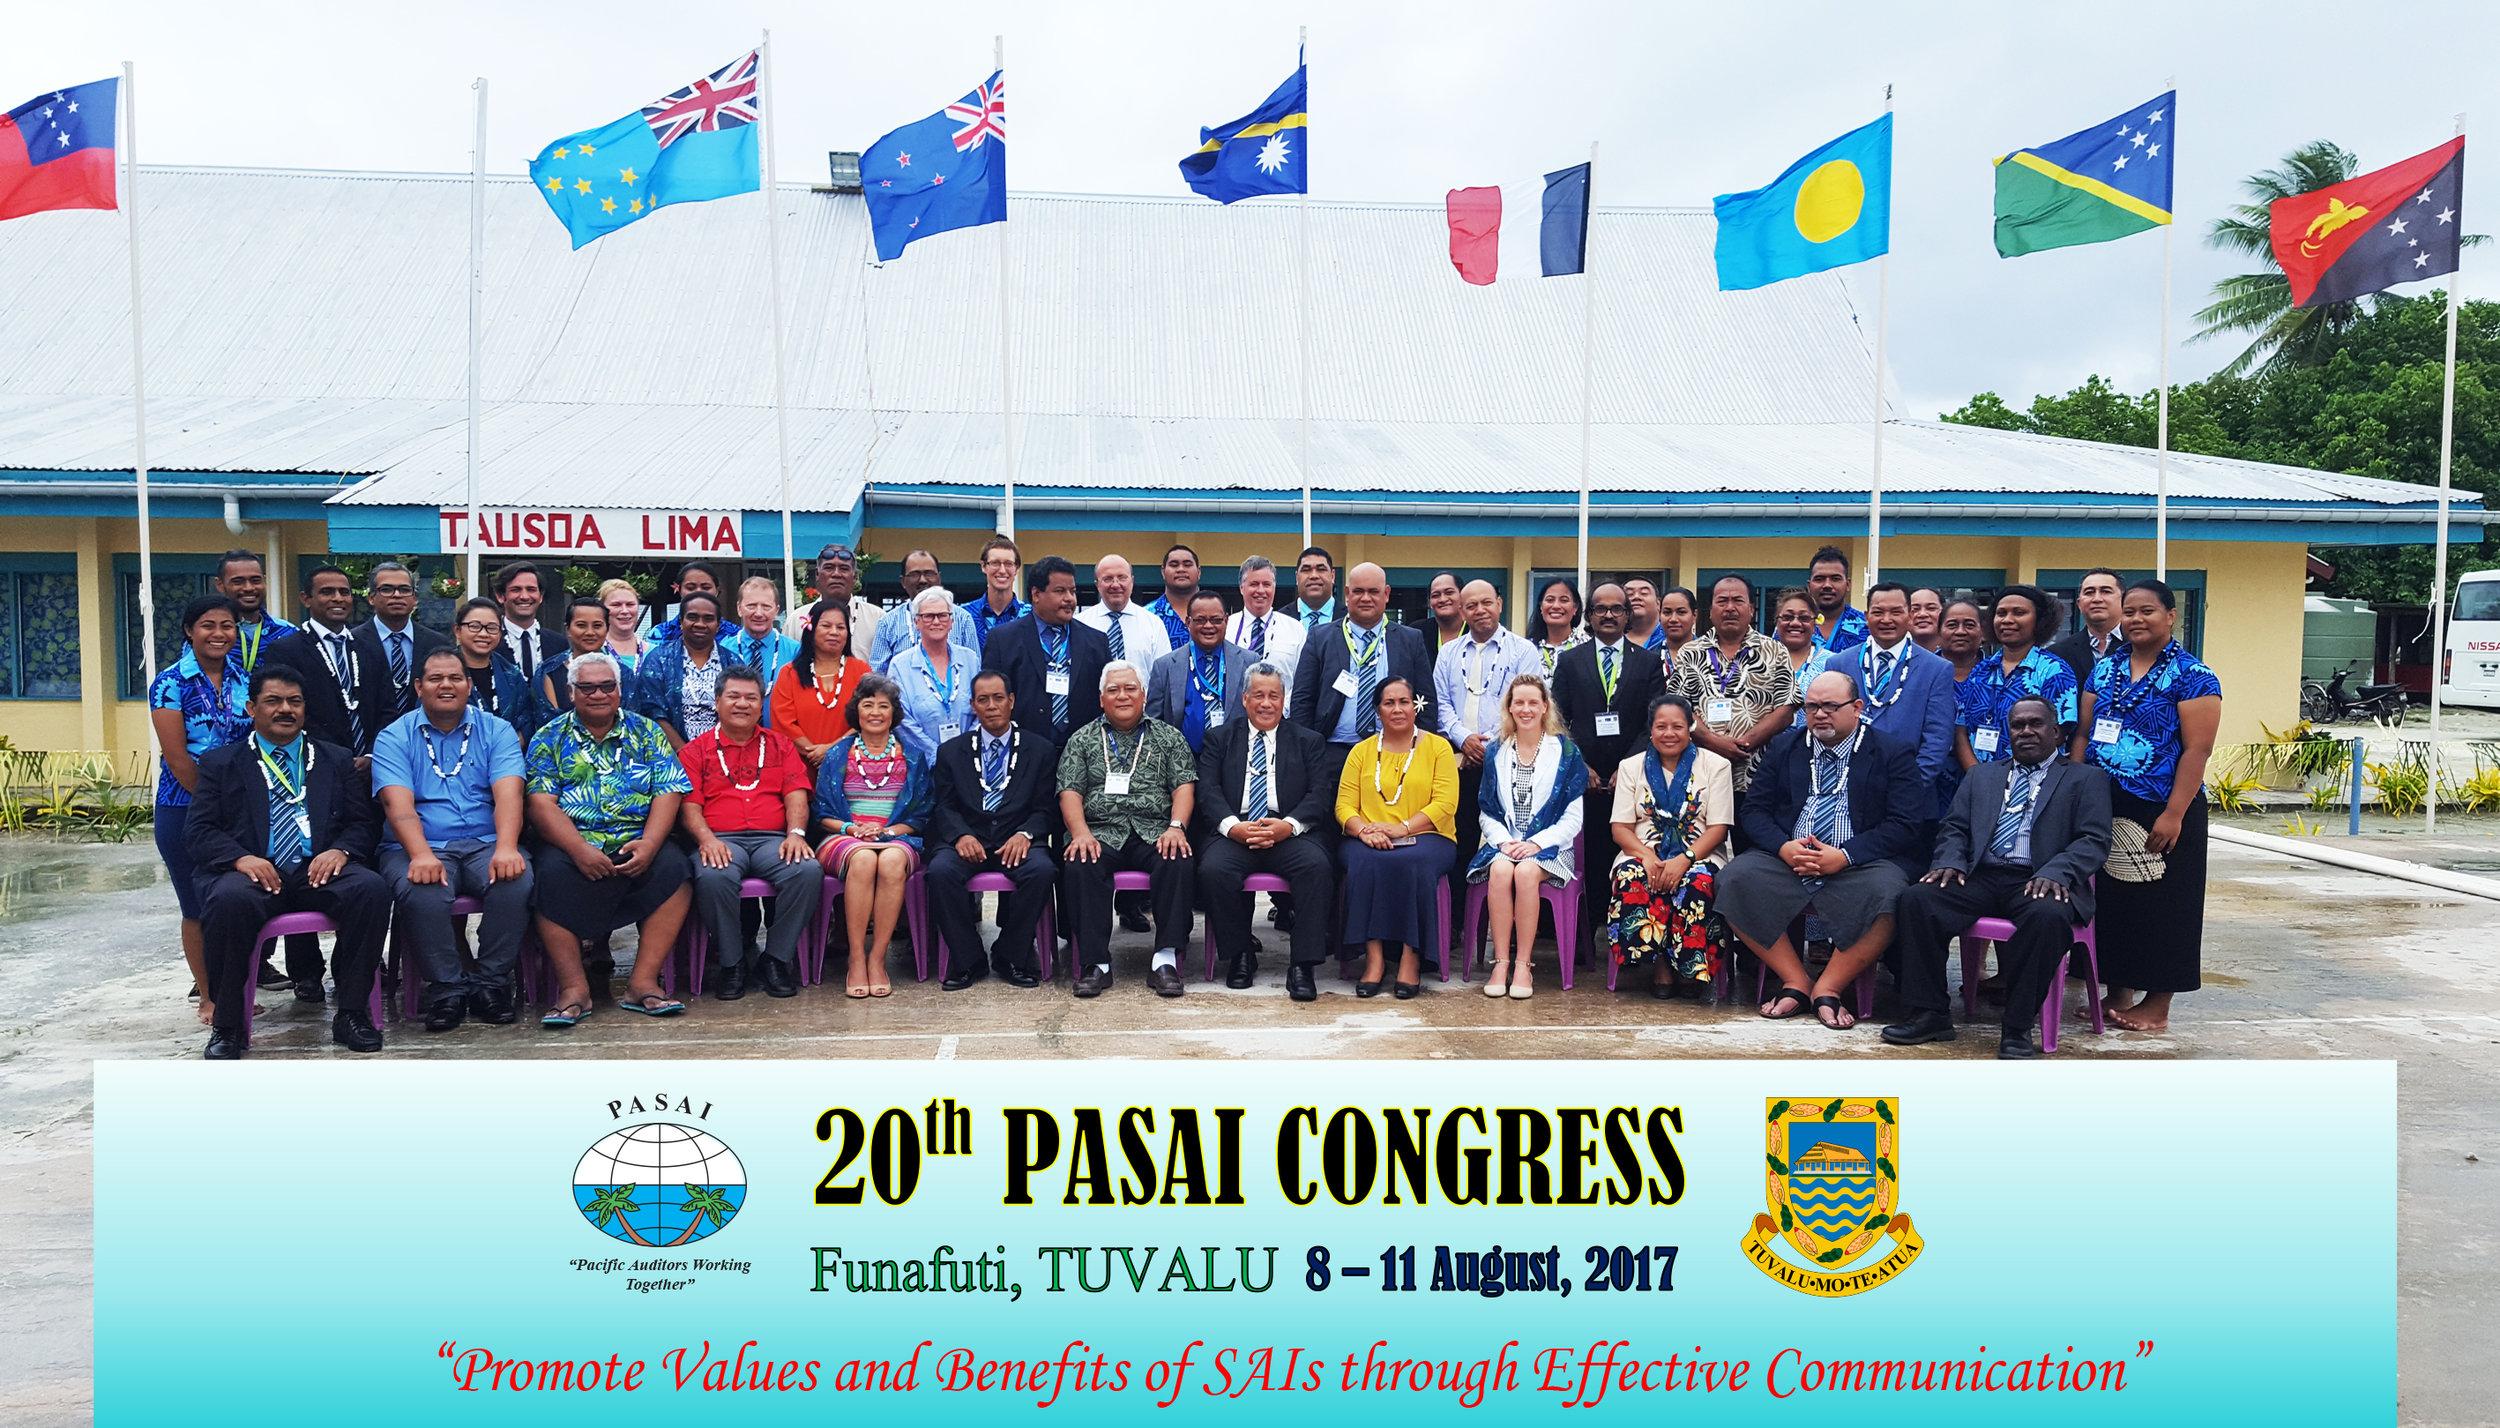 Delegates of the 20th Congress in Funafuti, Tuvalu.